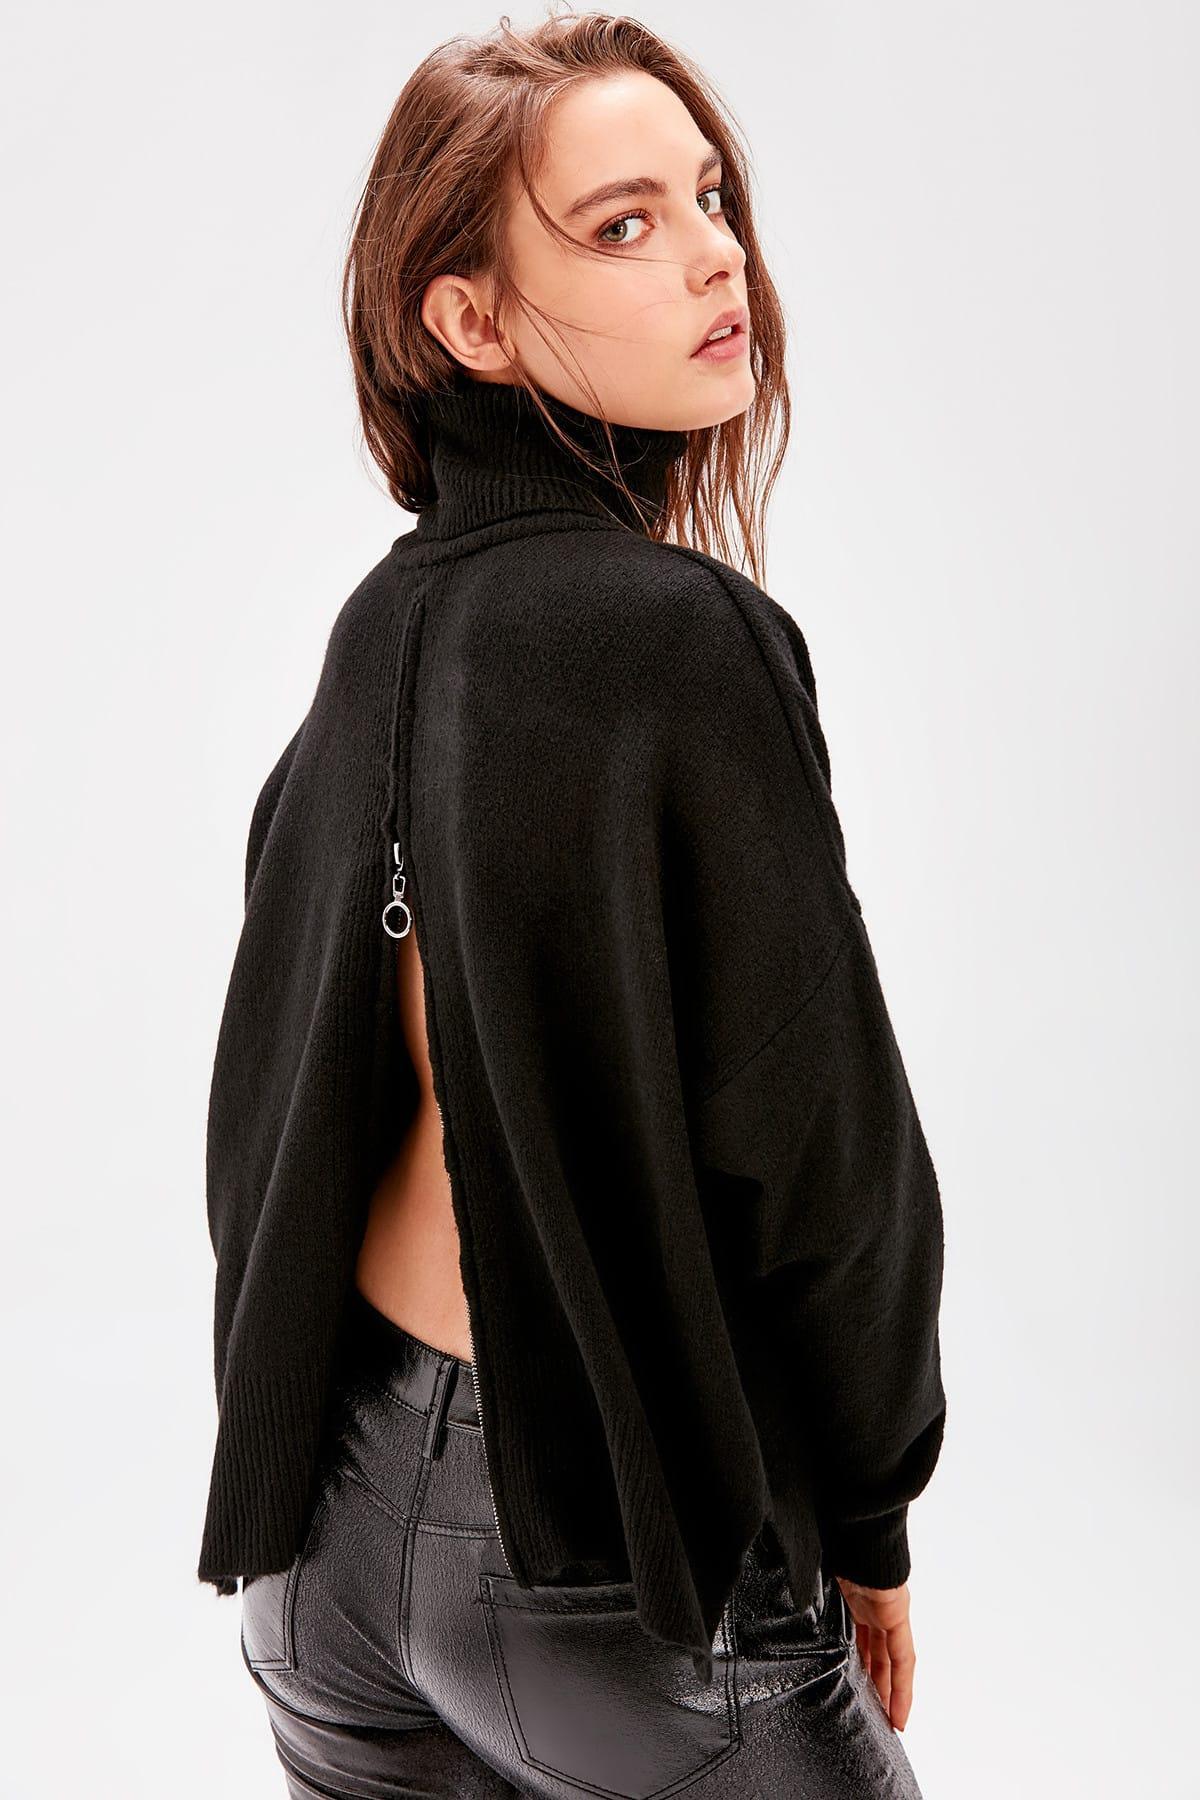 Fashion-Черная задняя молния свитер Женщины водолазку Осень Пуловеры